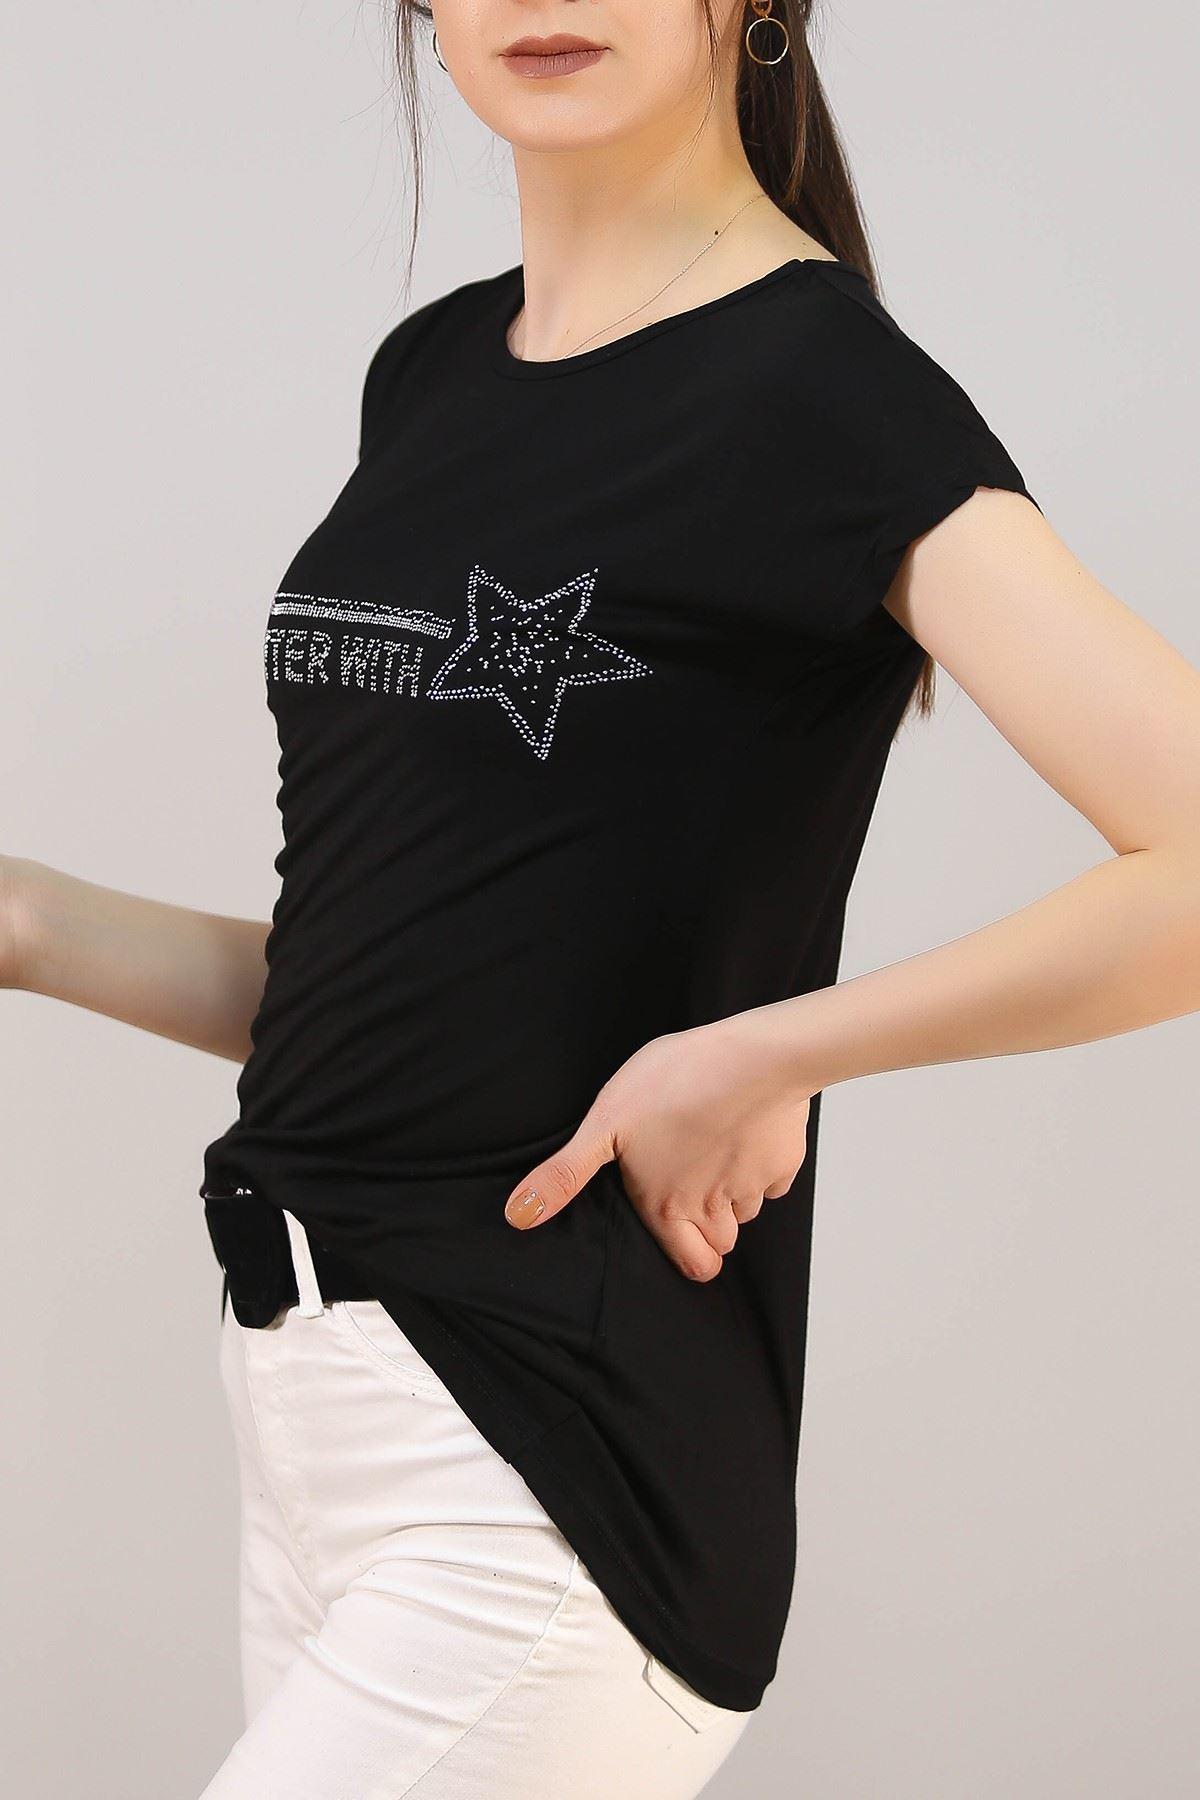 Yıldız Baskılı Tişört Siyah - 5047.139.